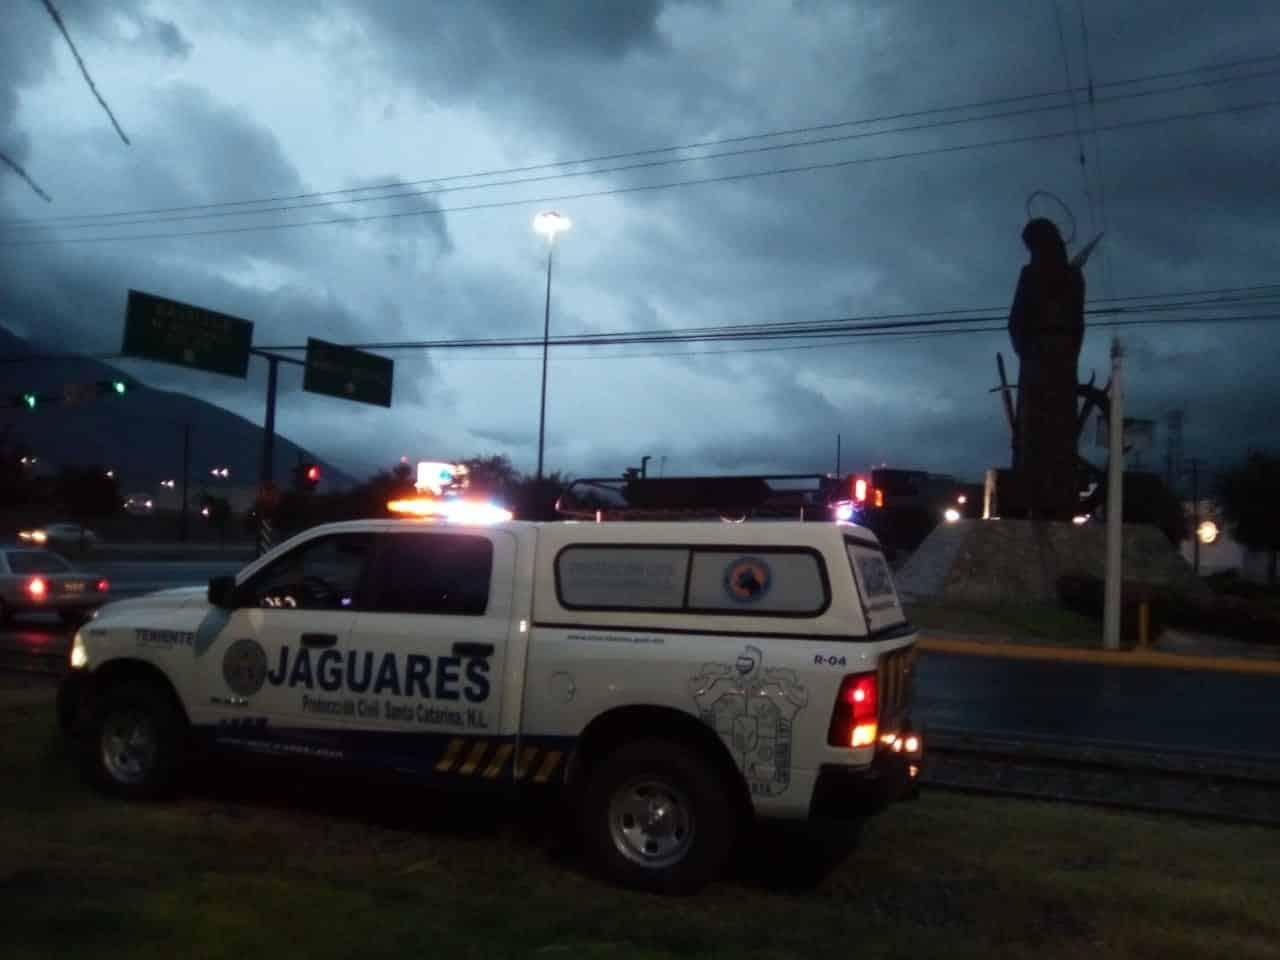 La lluvia y el viento provocaron la muerte de una mujer y lesiones a su hermana